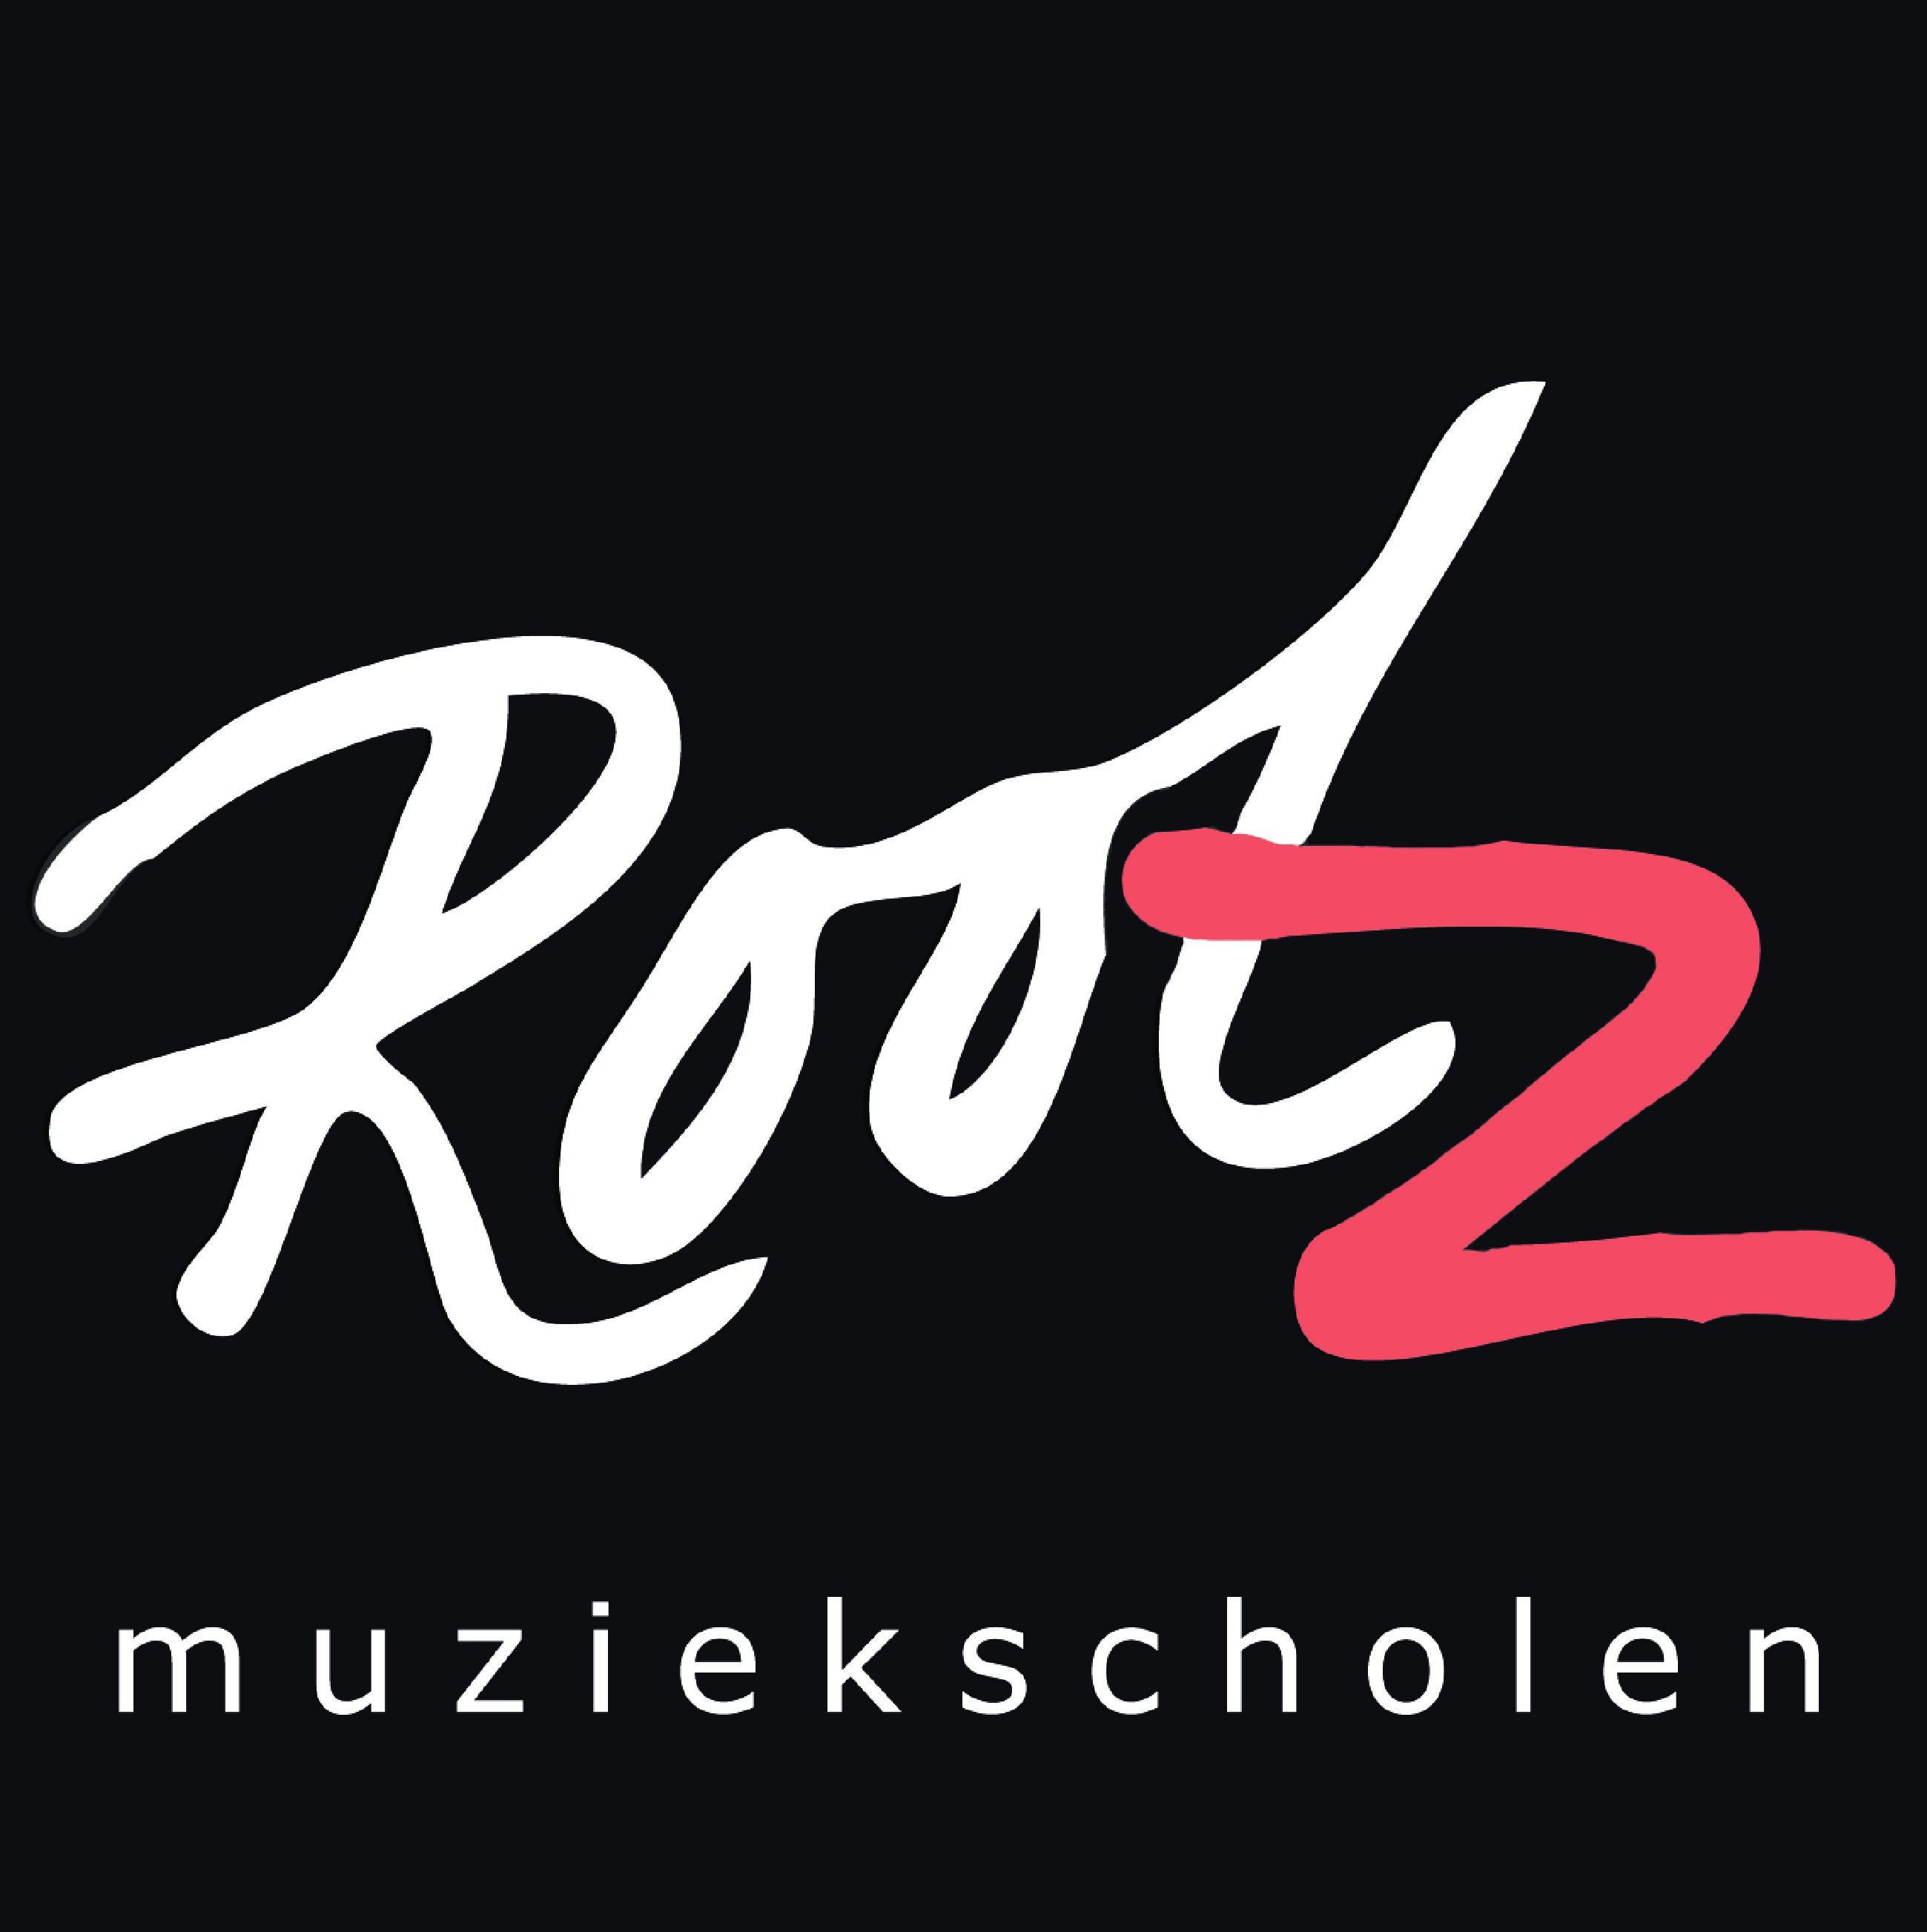 Rootz Muziekschool